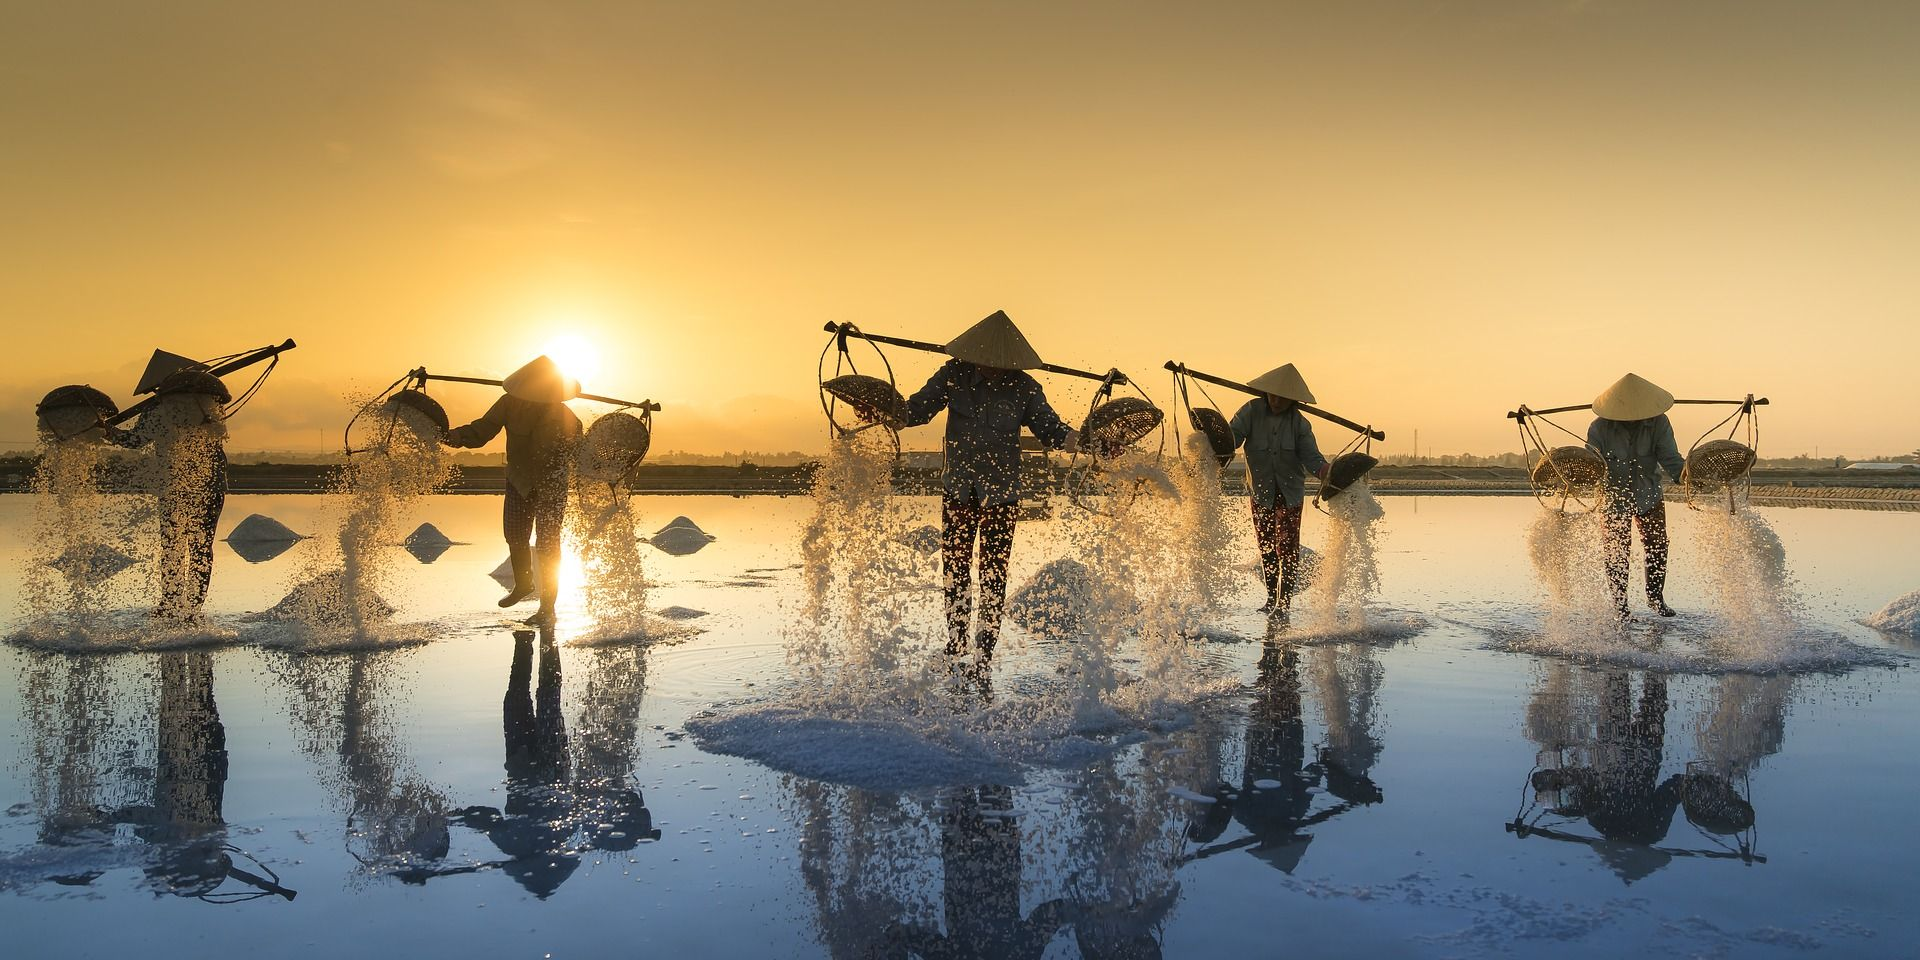 Salt pans at sunset